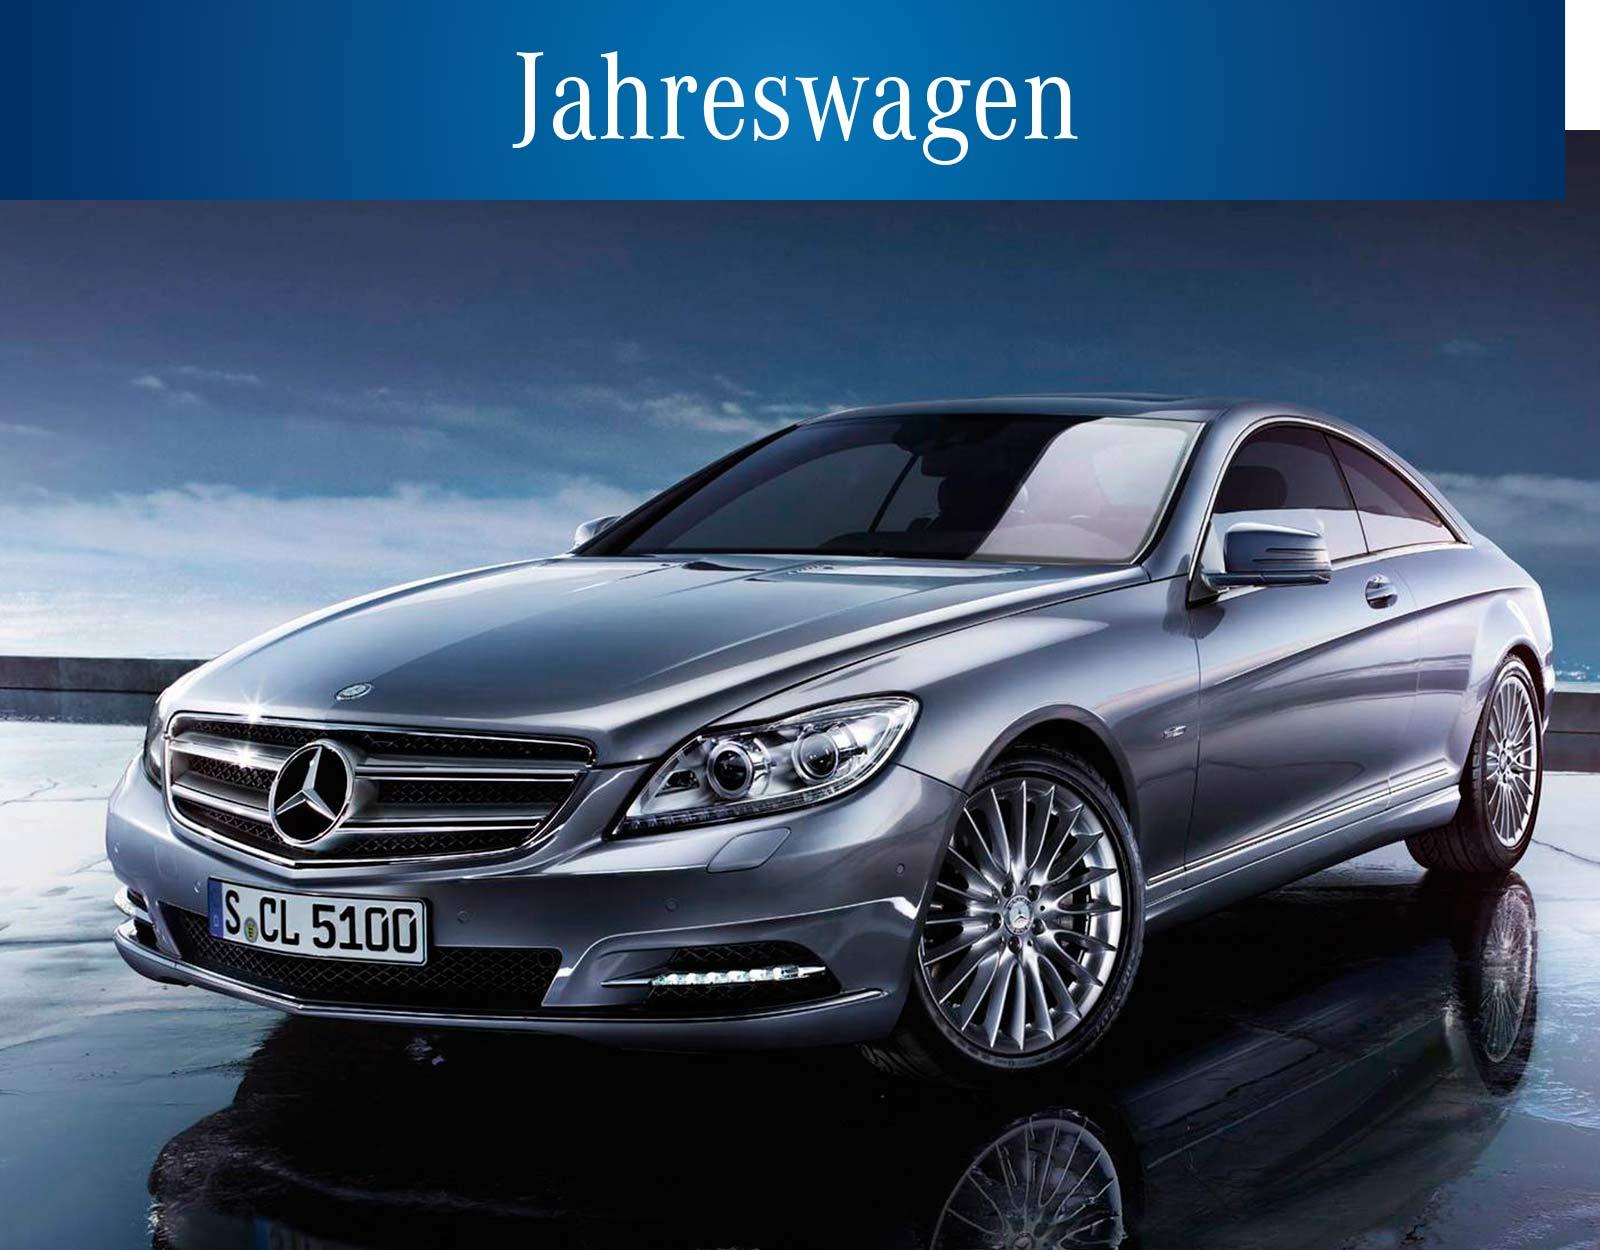 Mercedes Jahreswagen Stuttgart